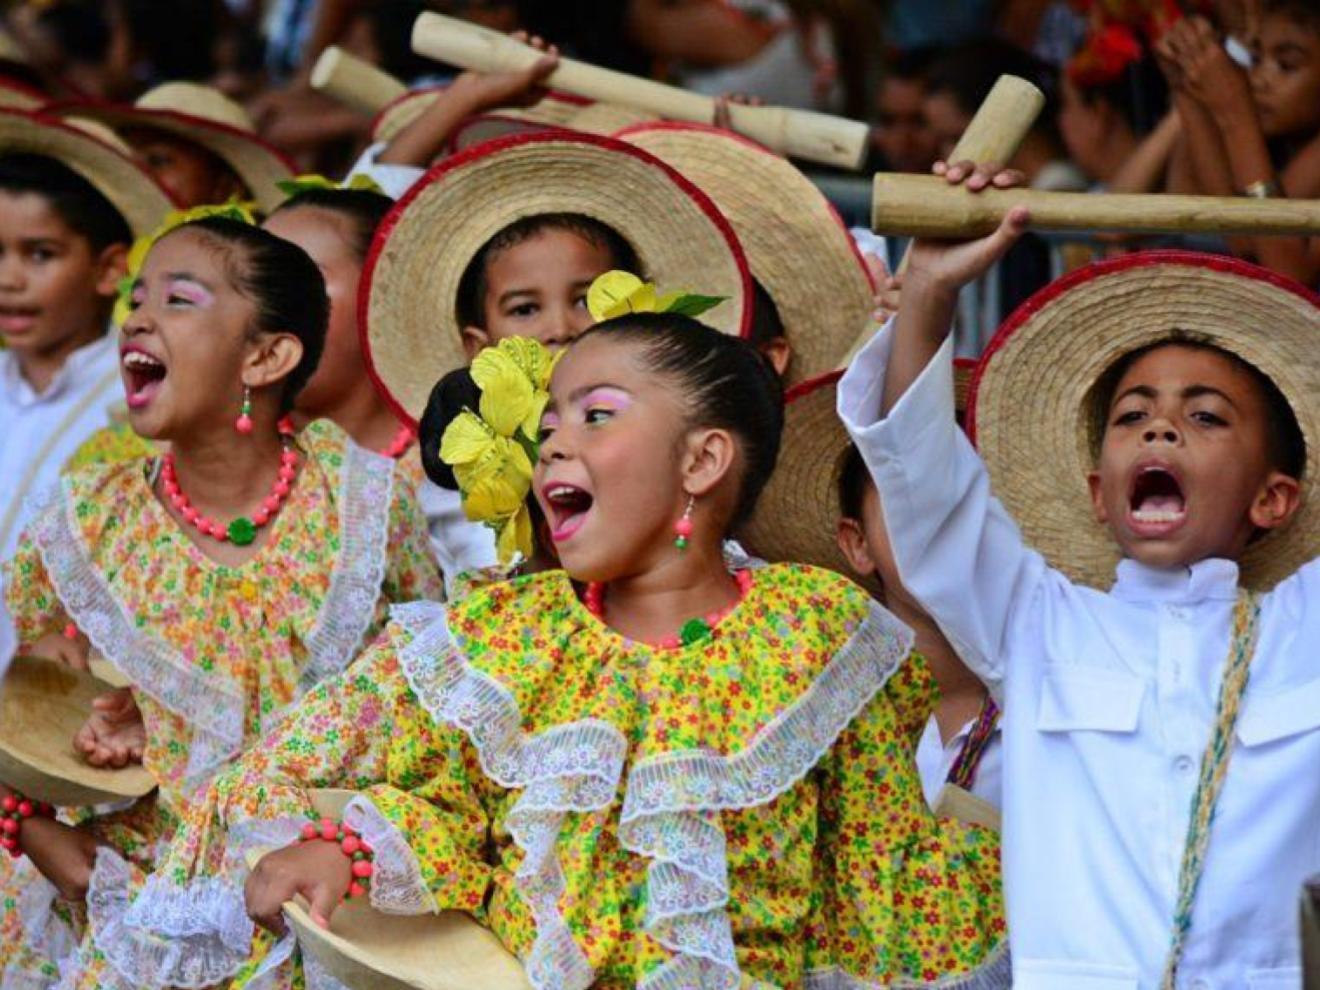 Vallenato dancing